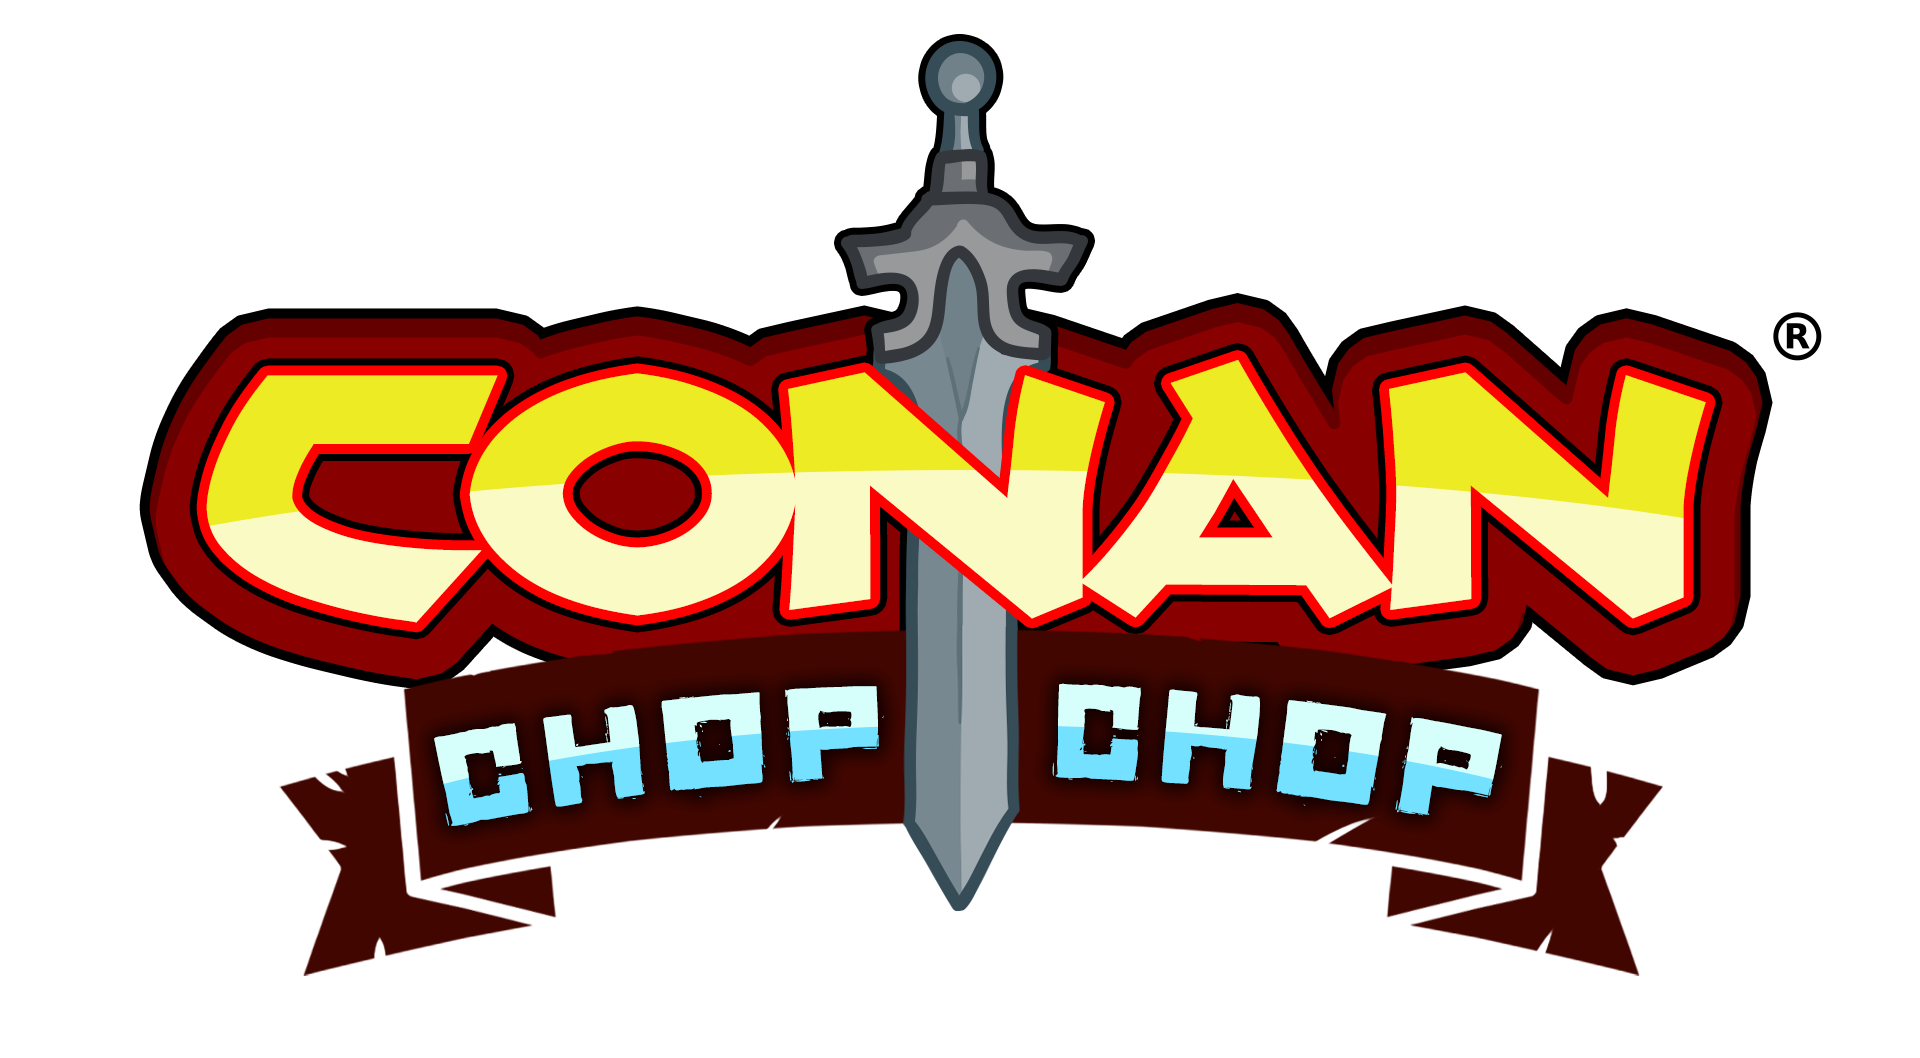 conan_chop_chop_logor